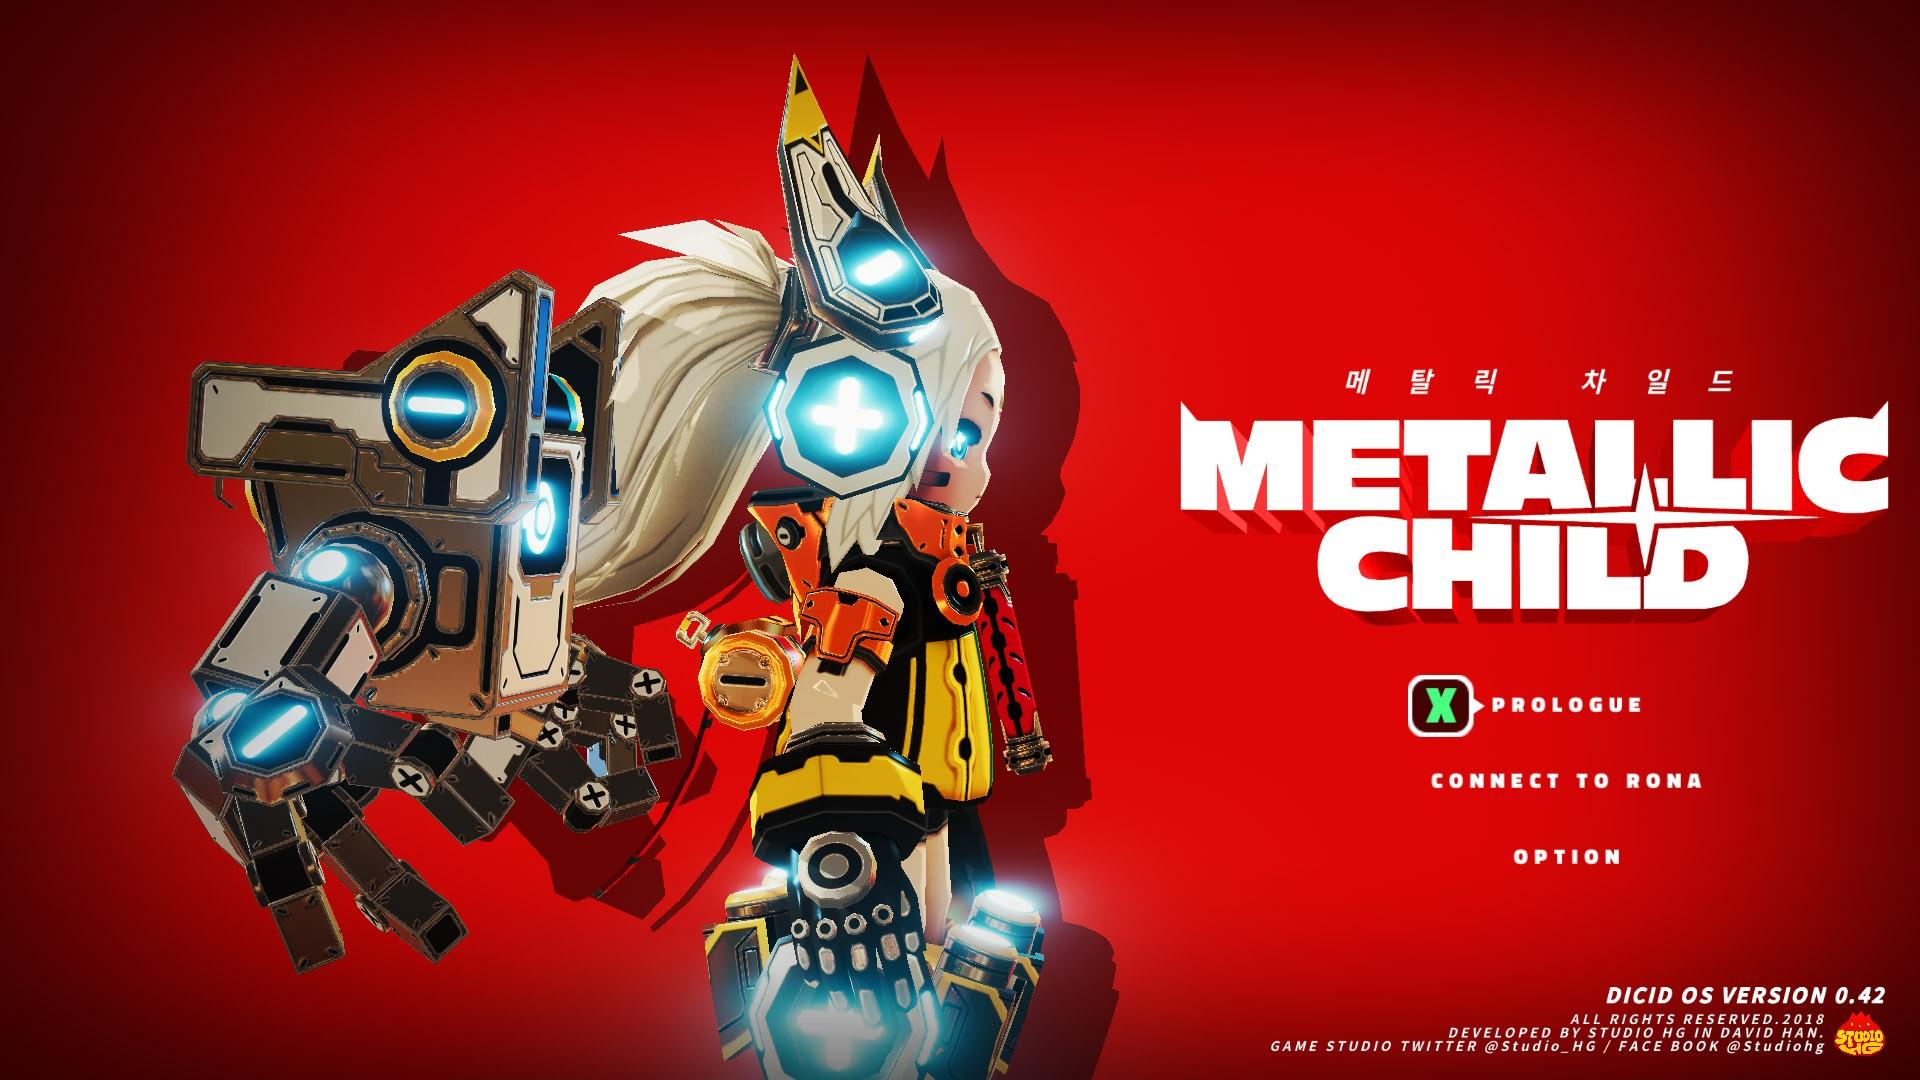 Новый трейлер Metallic Child посвящён схваткам с мощными боссами